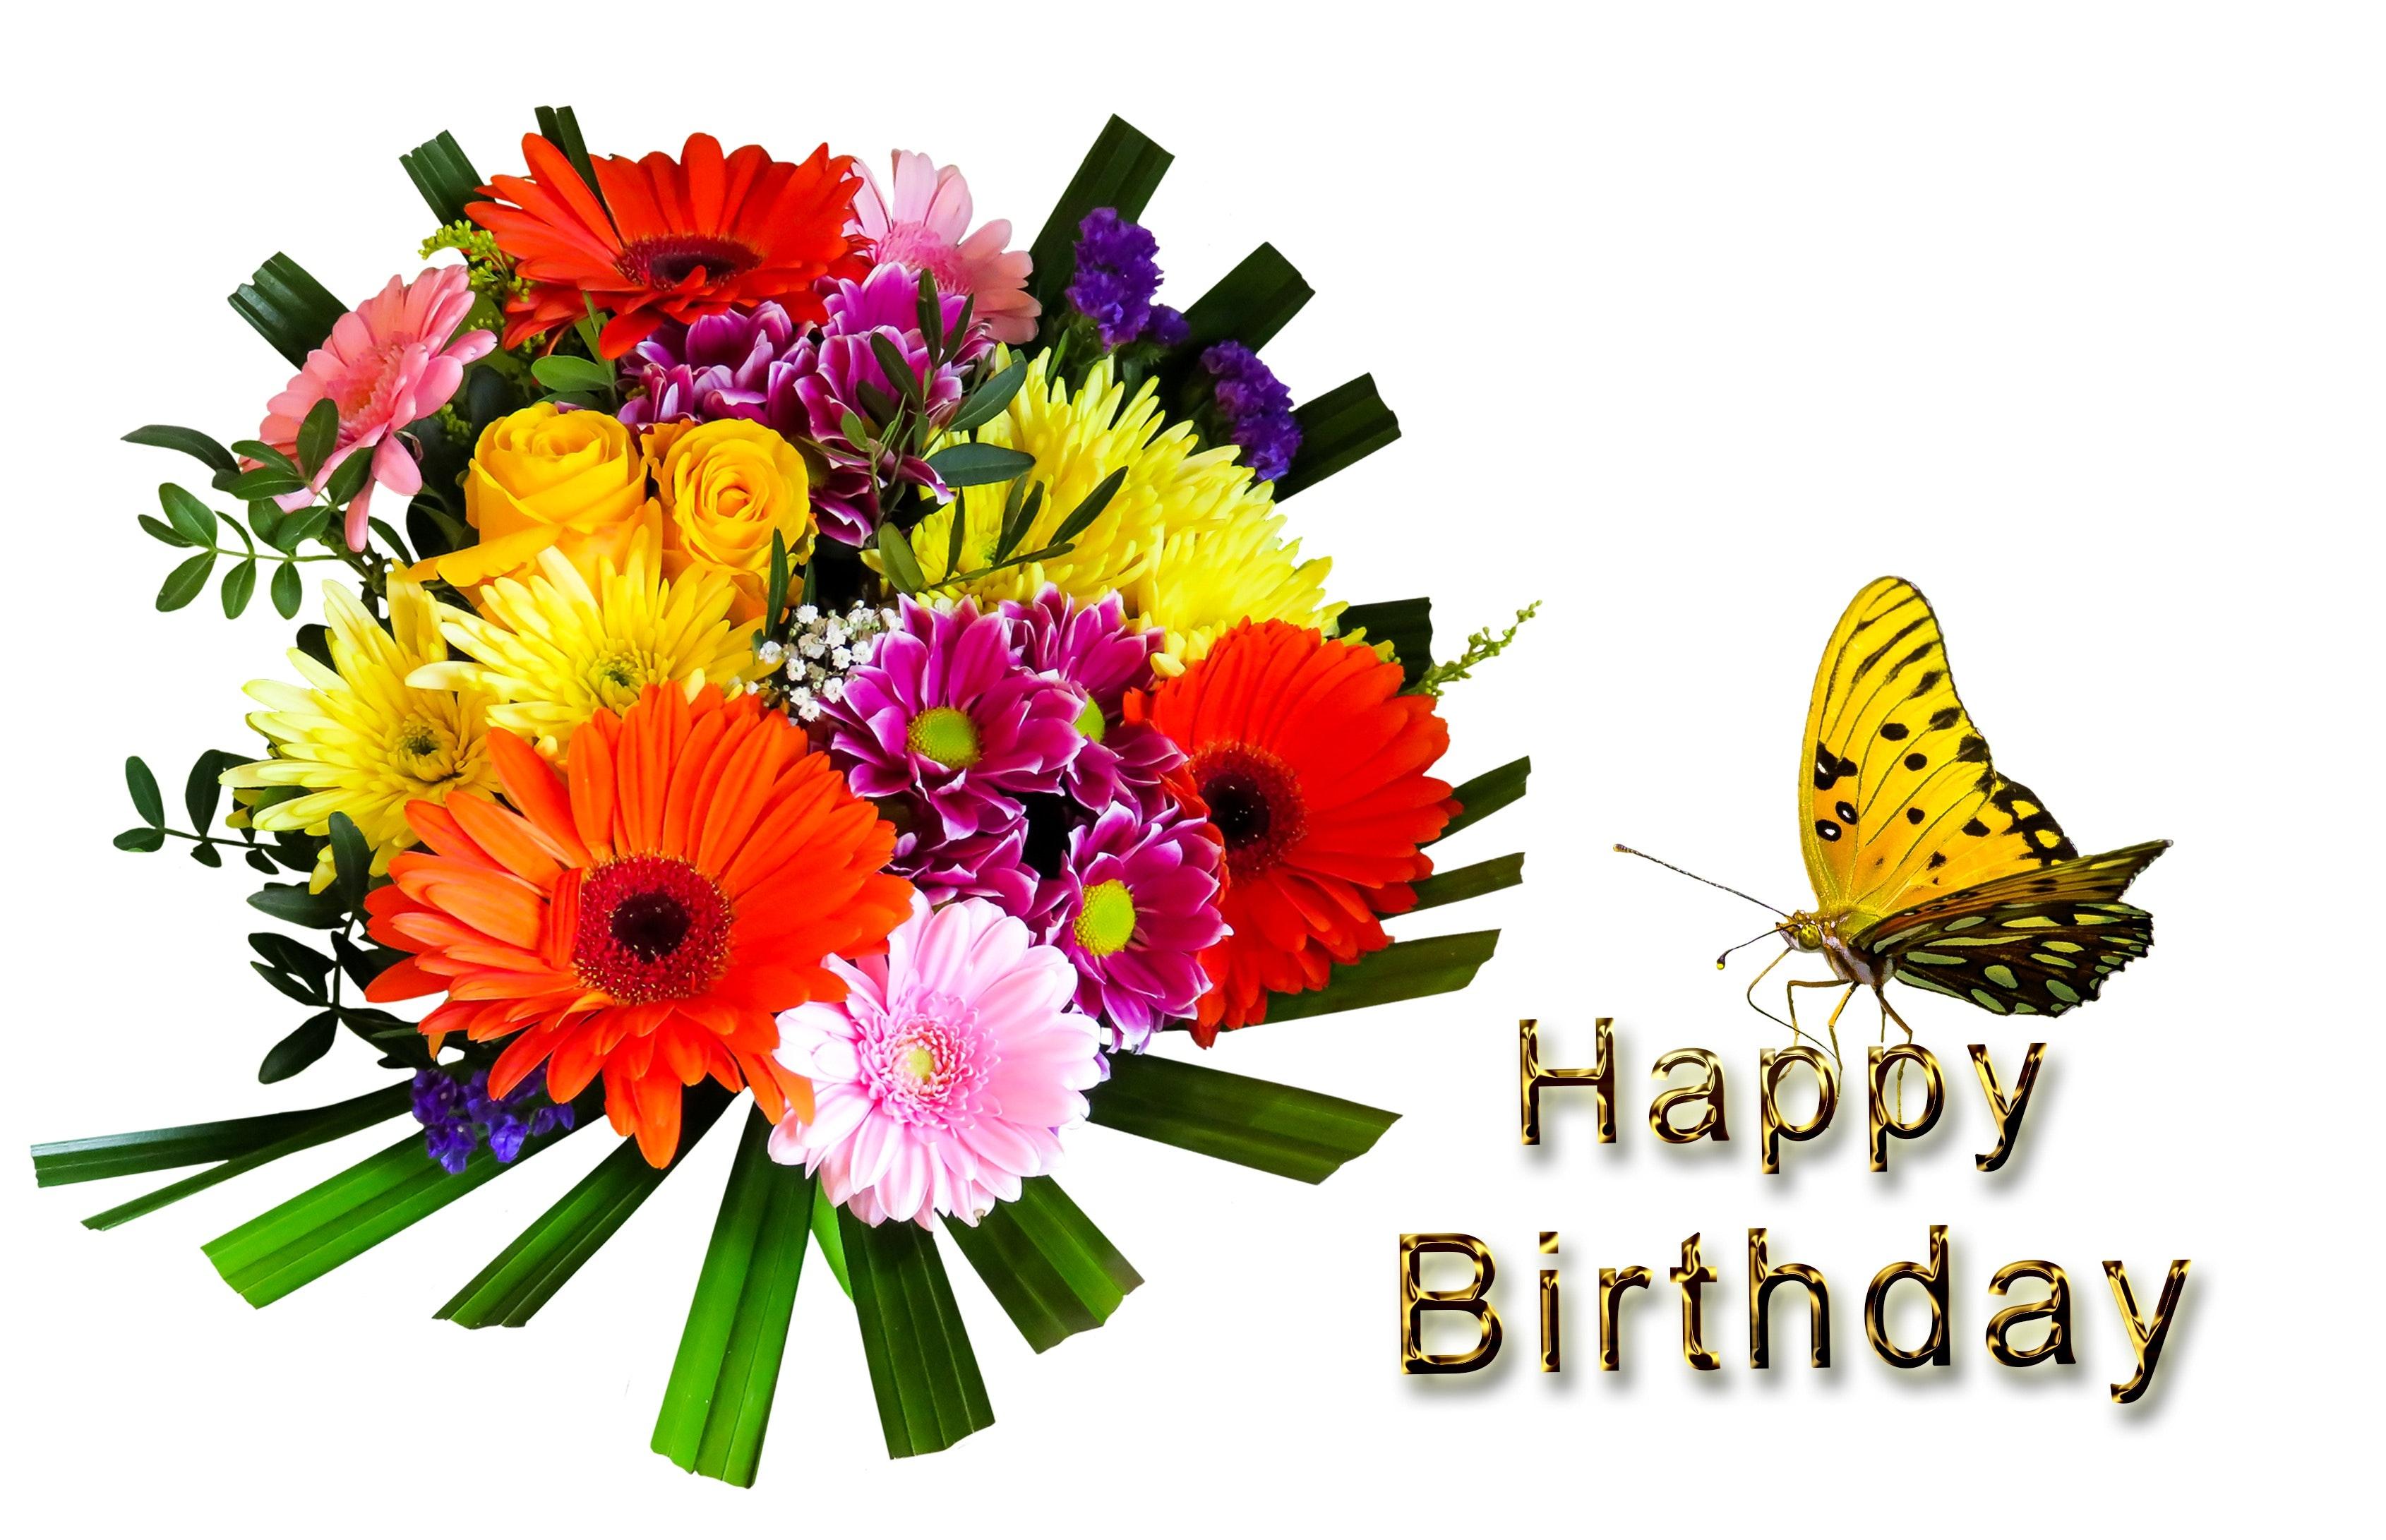 Kostenloses Foto Zum Thema Alles Gute Zum Geburtstag Blumen